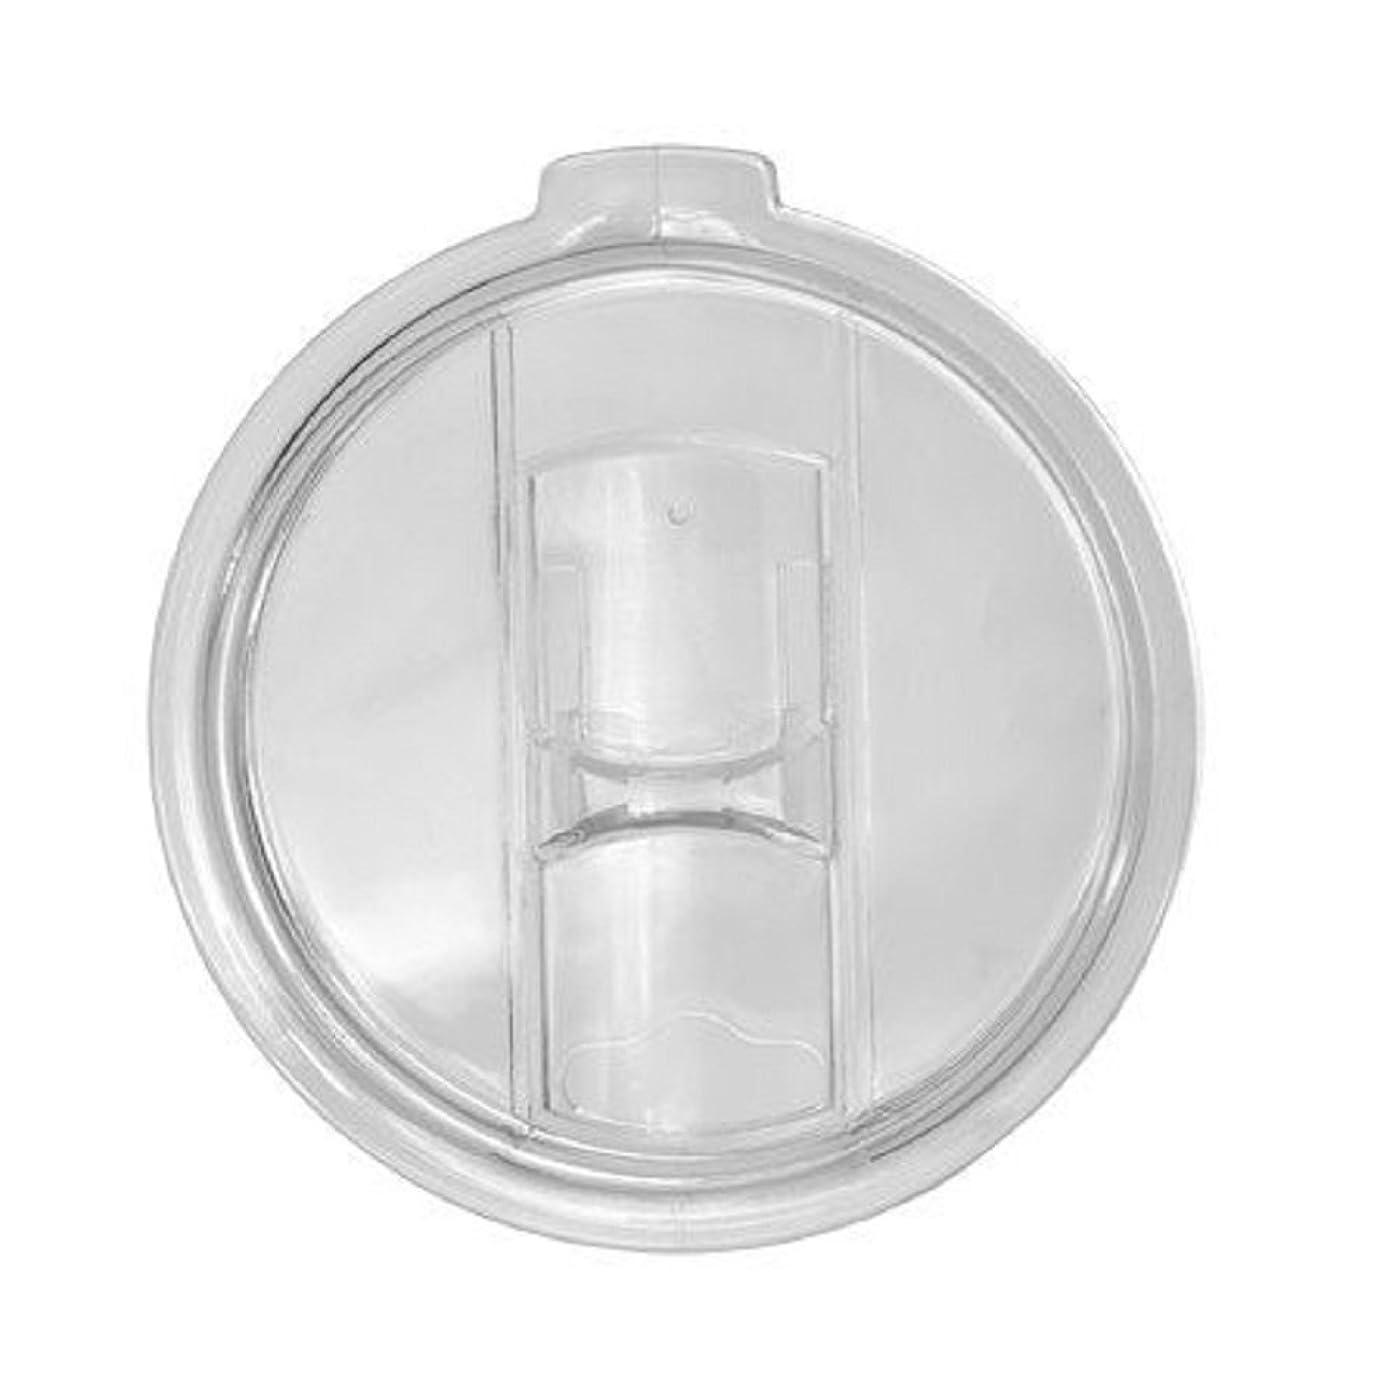 脱臼するクレジット今日NEW Spill and Splash Resistant Lid with Slider Closure for 30 oz. Tumblers - Fits YETI Rambler Perfectly by Artic Chill